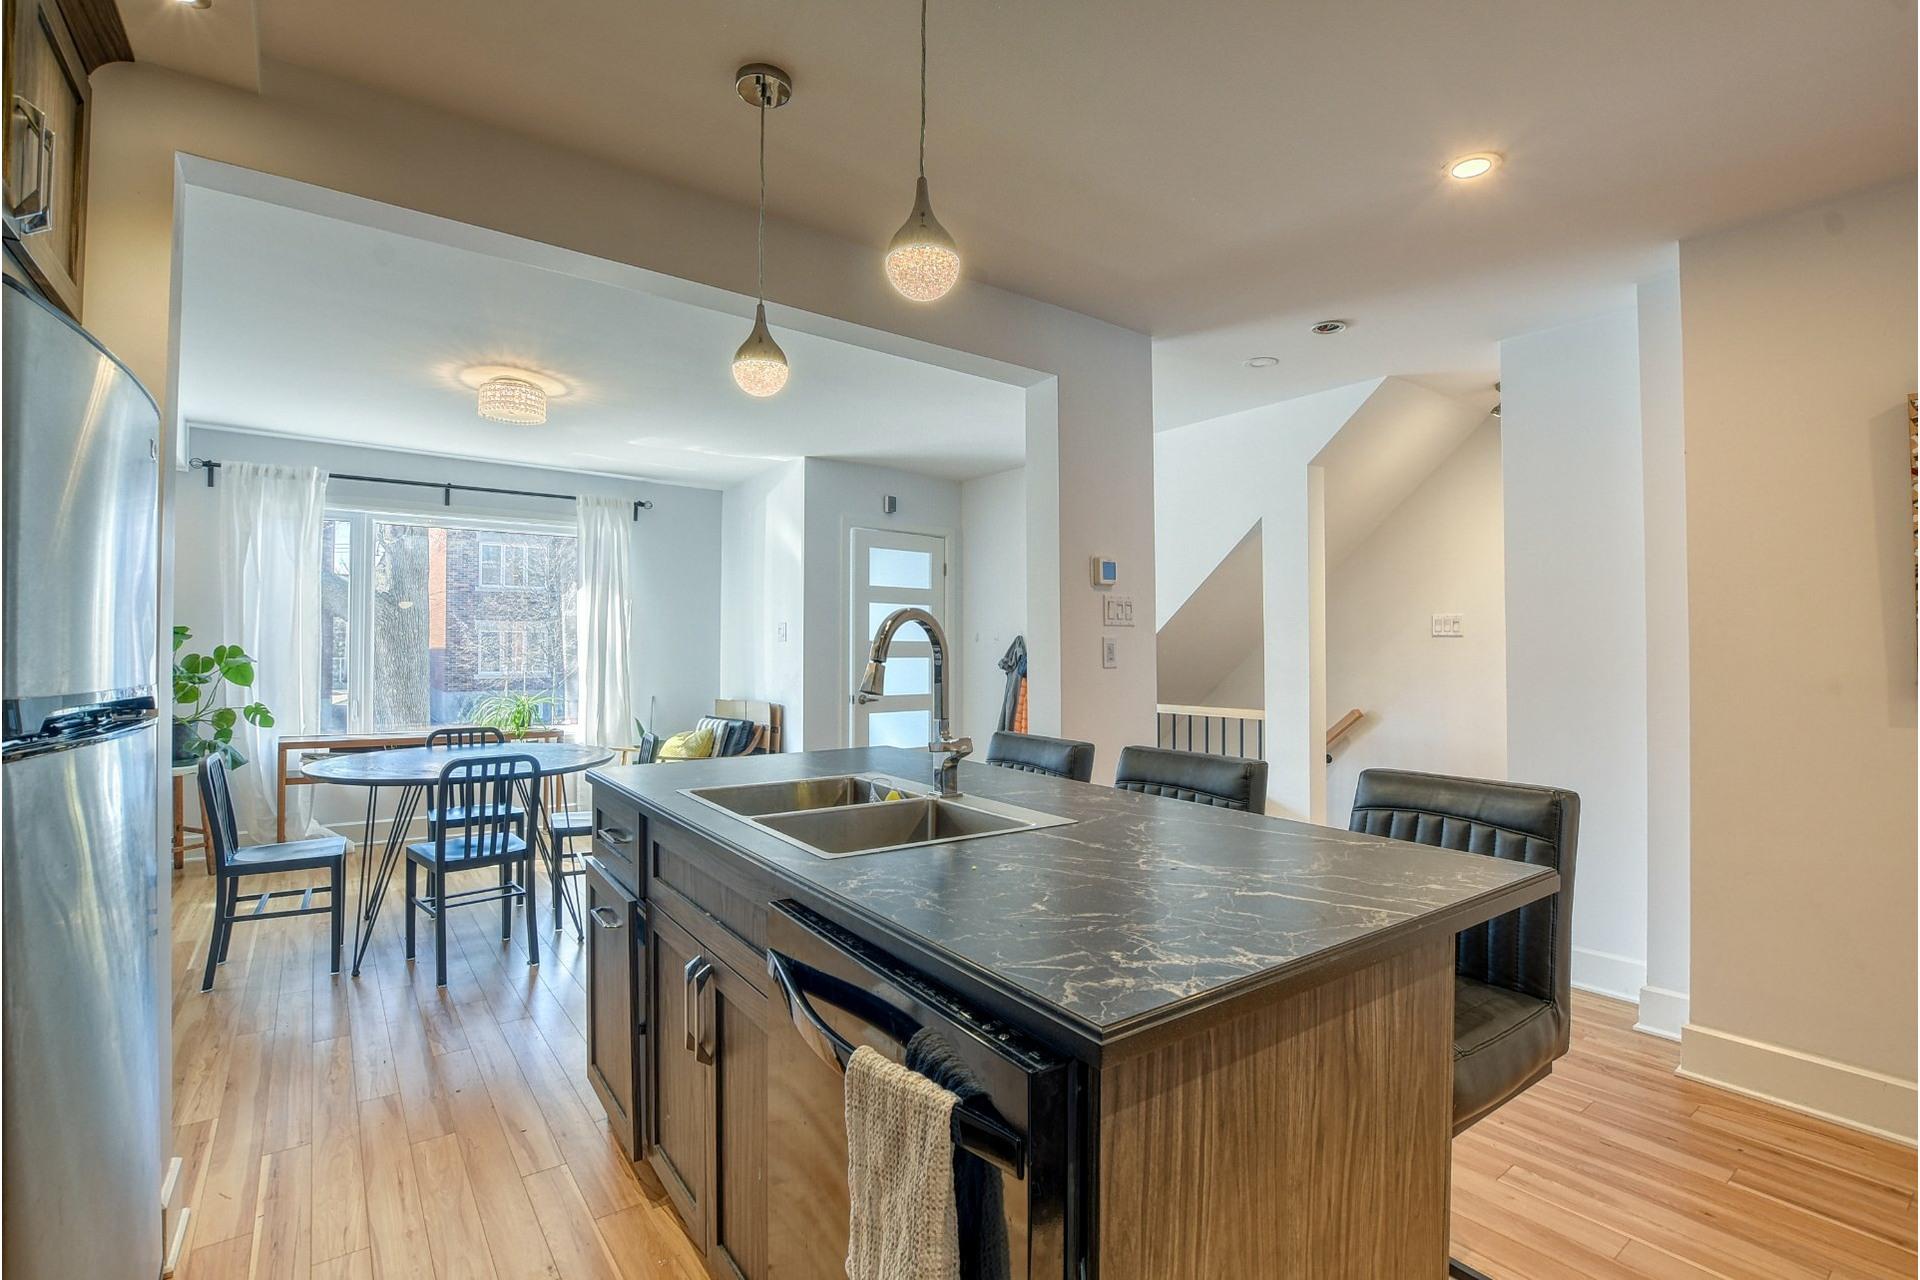 image 3 - Apartment For rent Verdun/Île-des-Soeurs Montréal  - 6 rooms